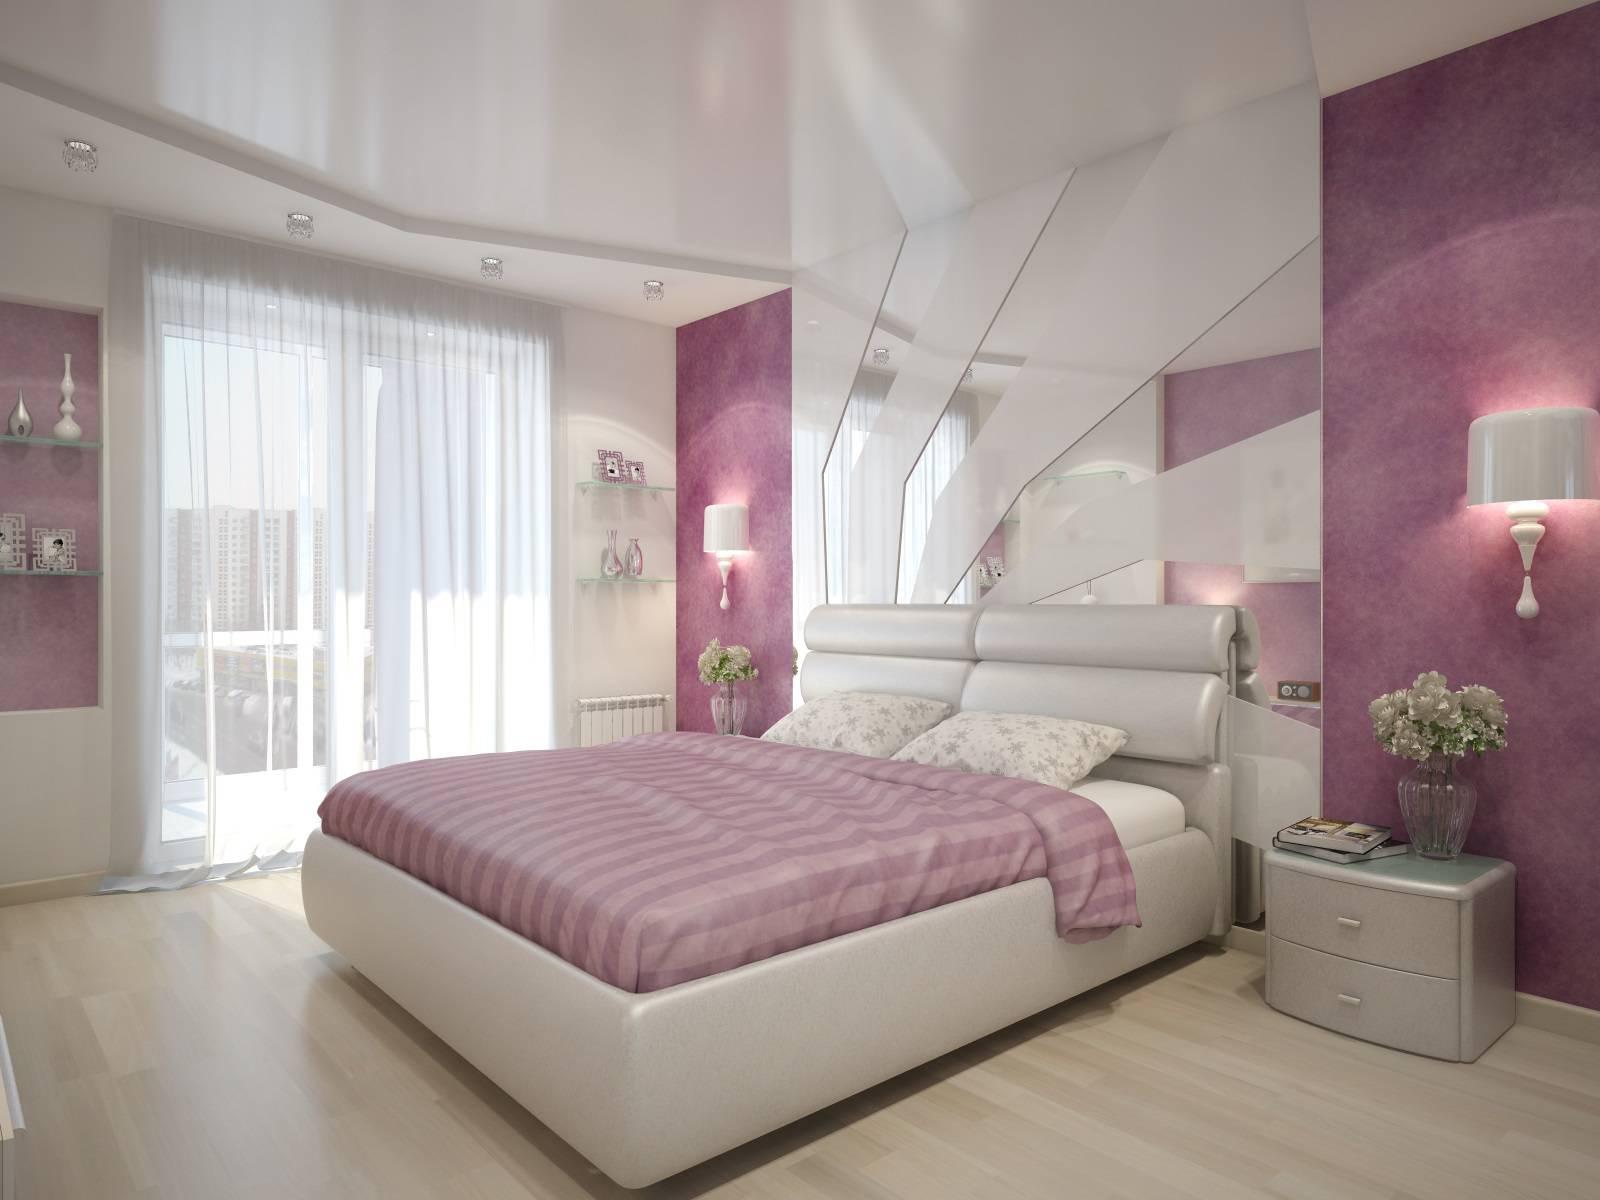 интерьер спальни в розовом цвете